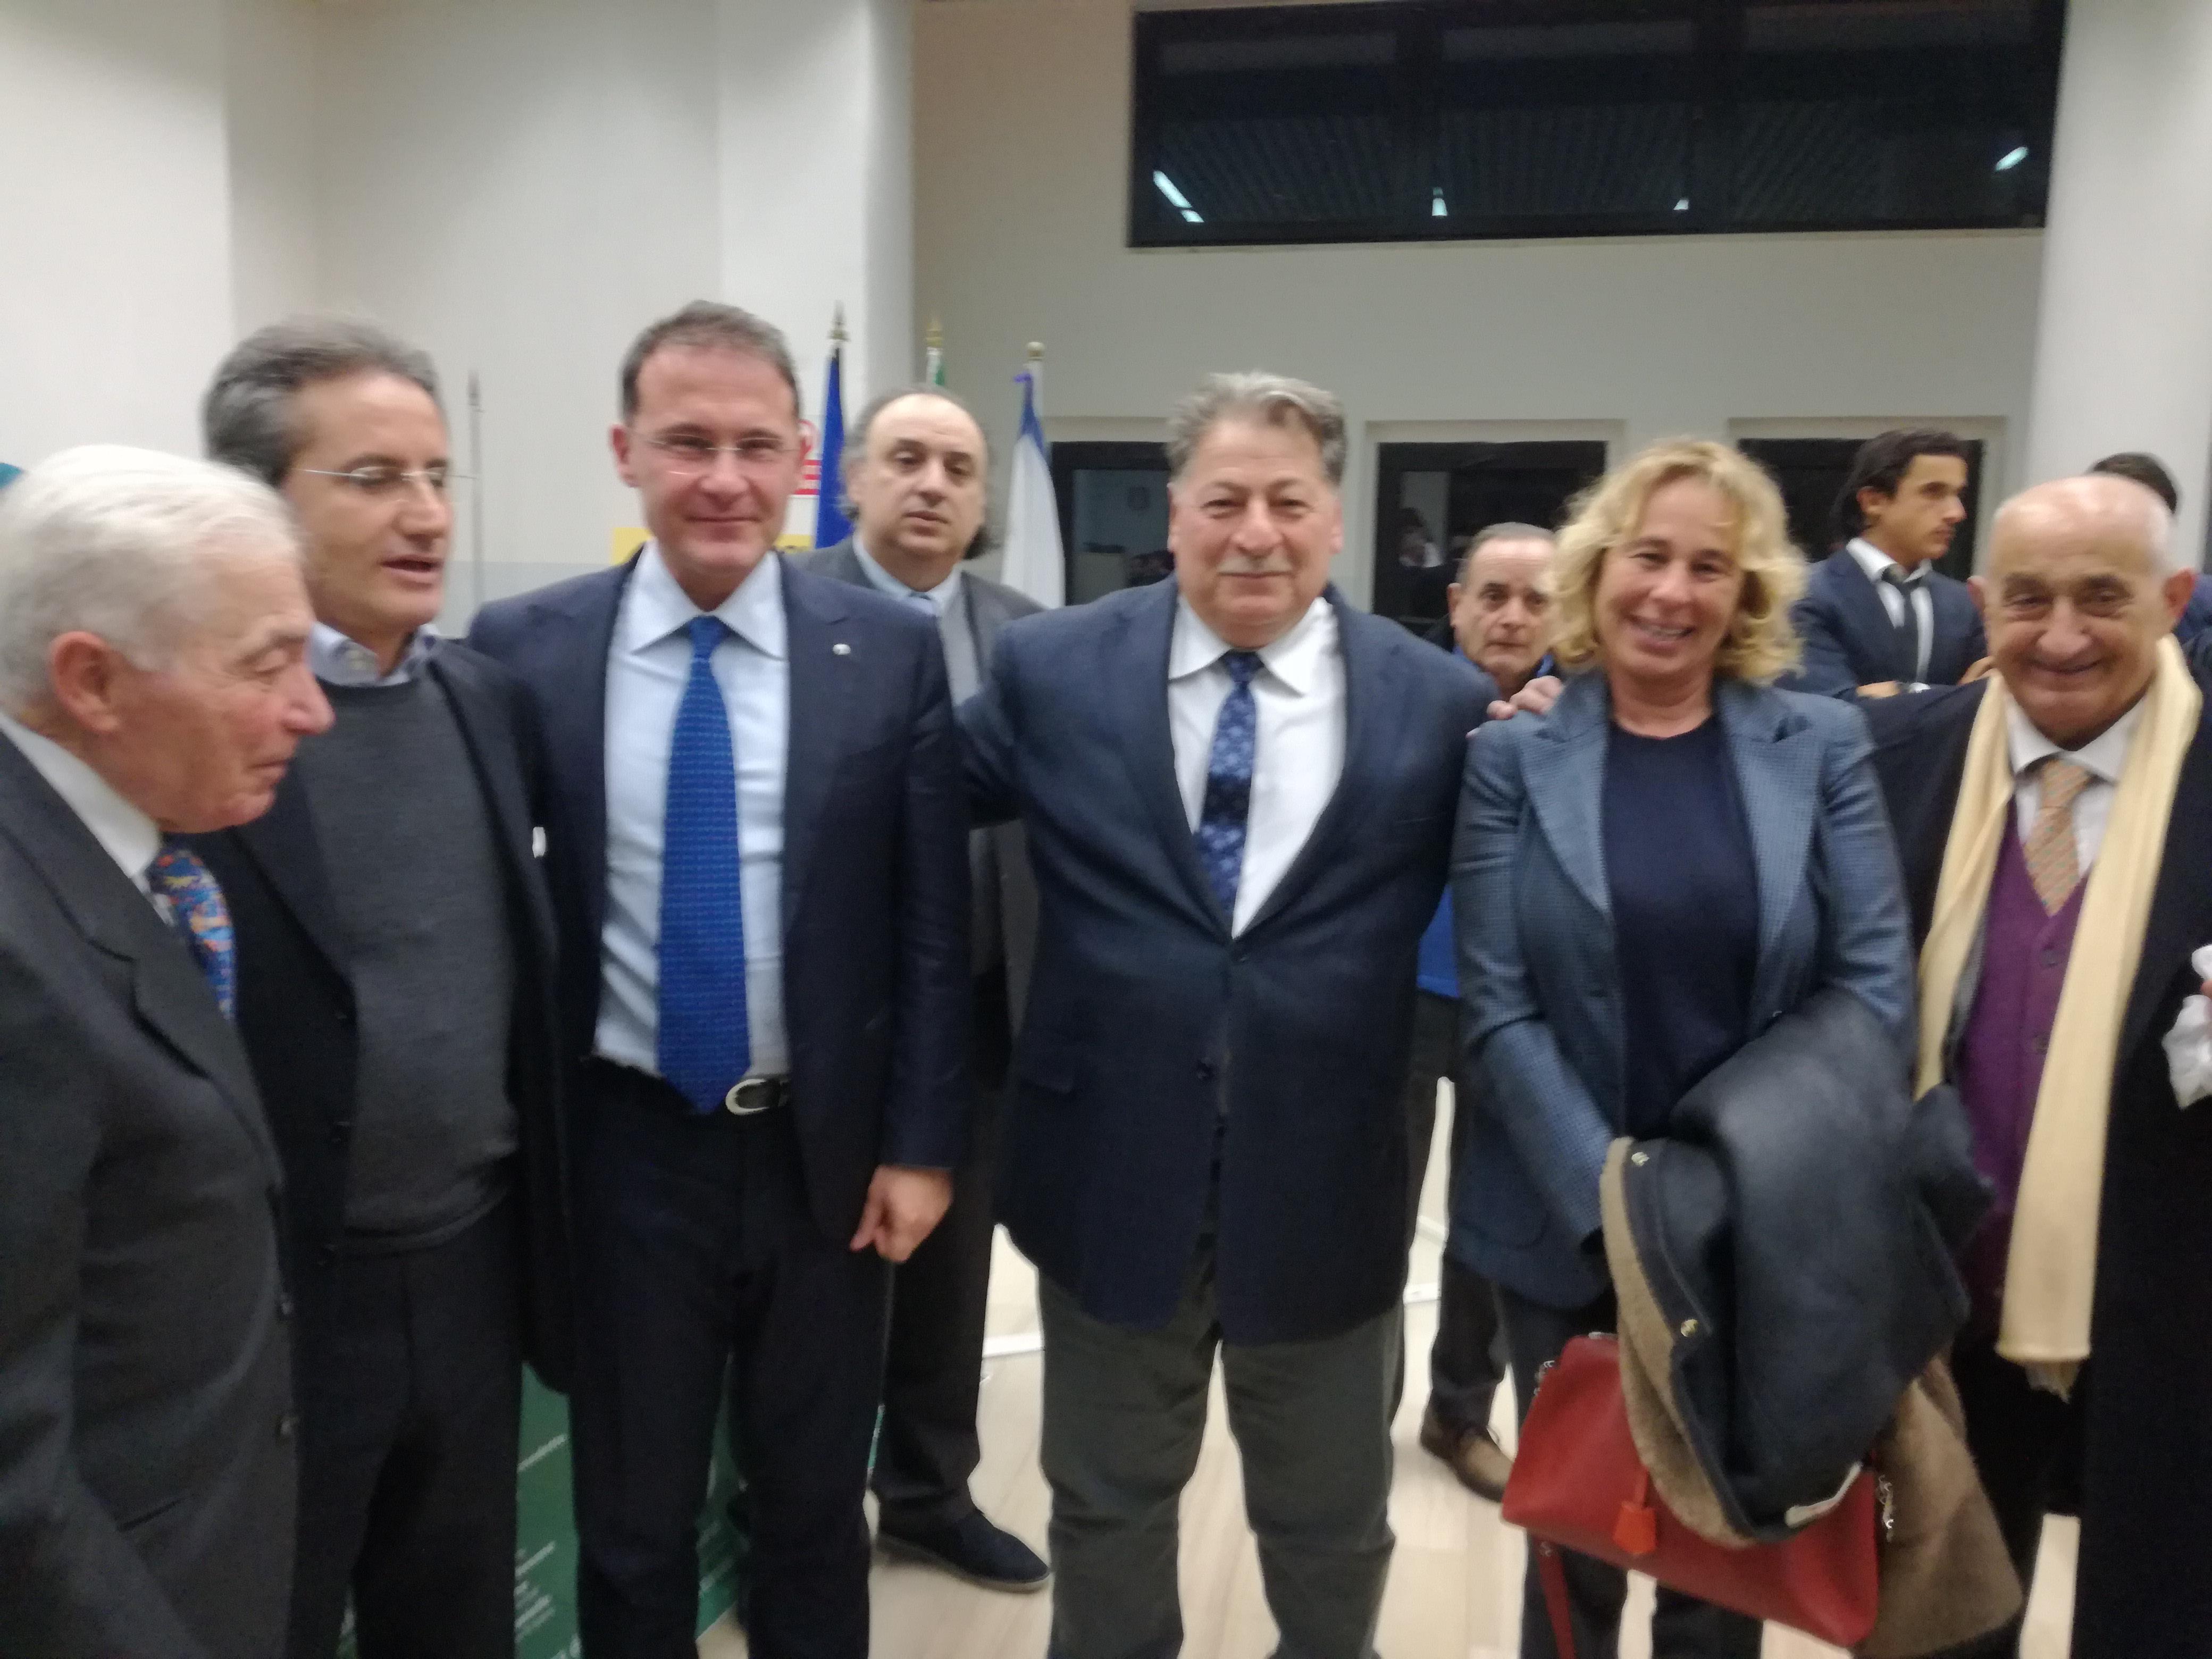 Fasolino-Caldoro-Cirielli-Di Benedetto-Iuorio-Stefania Craxi-Rizzo